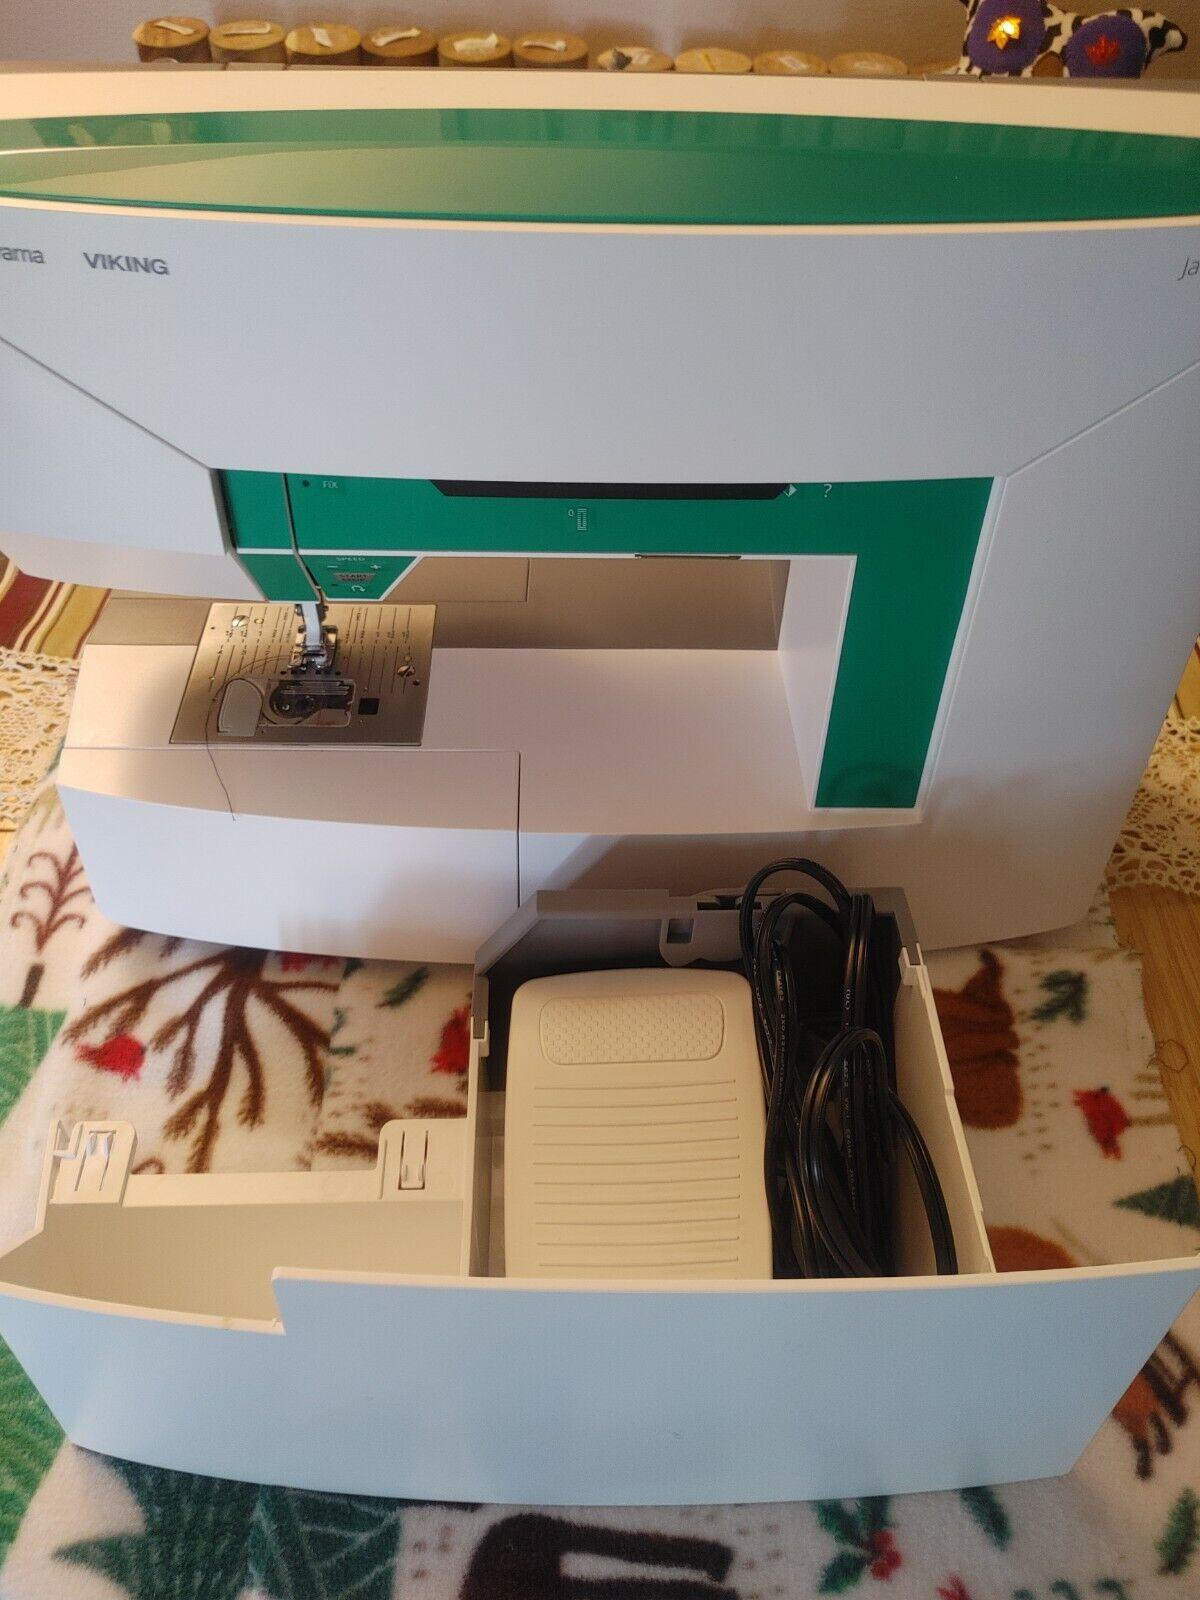 s l1600 - Husqvarna Viking Jade 20 Sewing Machine - 82 Stitches, Extra Feet, LED Display